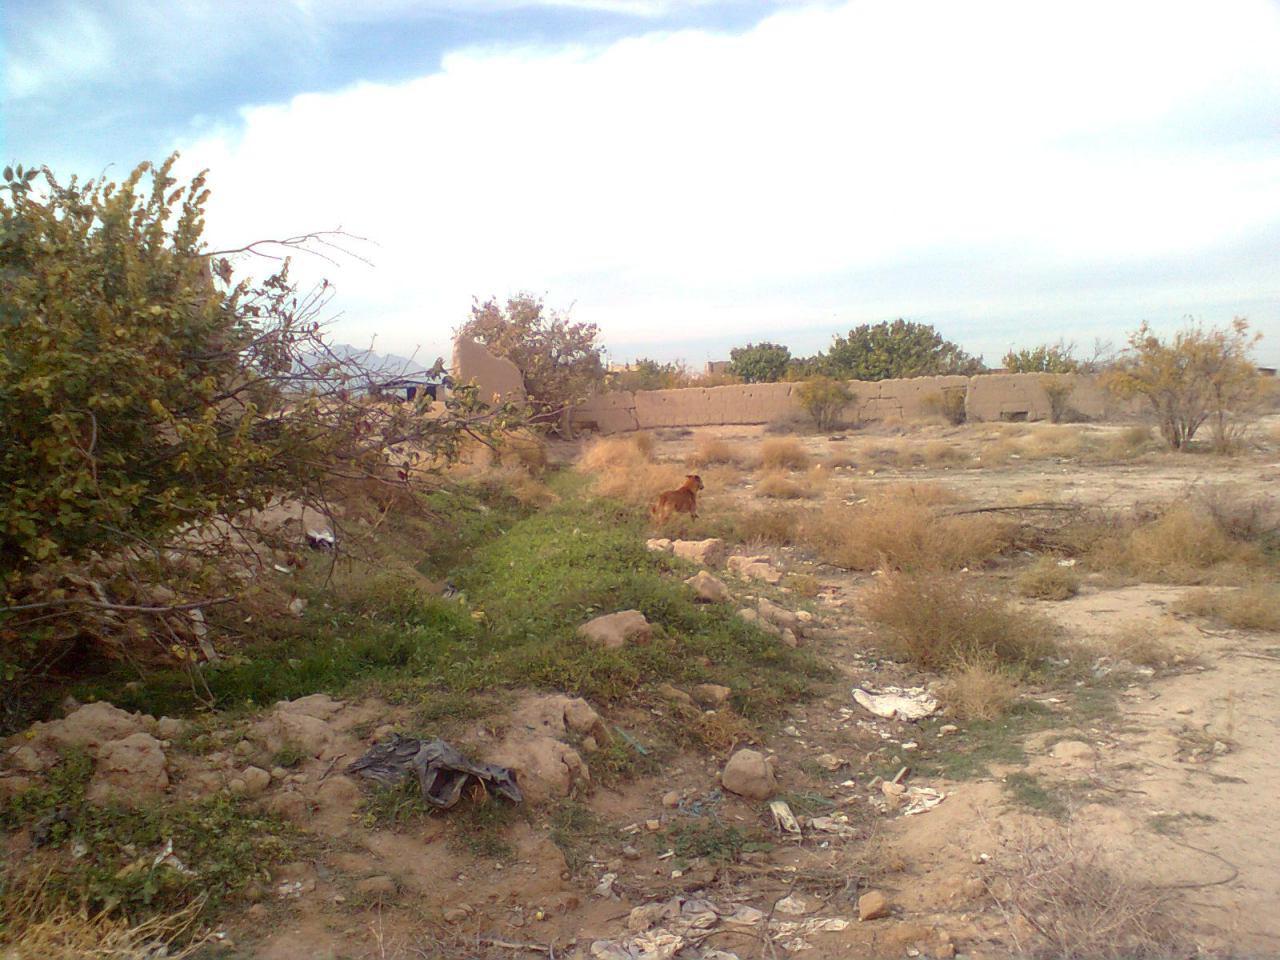 محله پاچنار --حضور سگهای هار بعد از اقدام ناموثر شهرداری